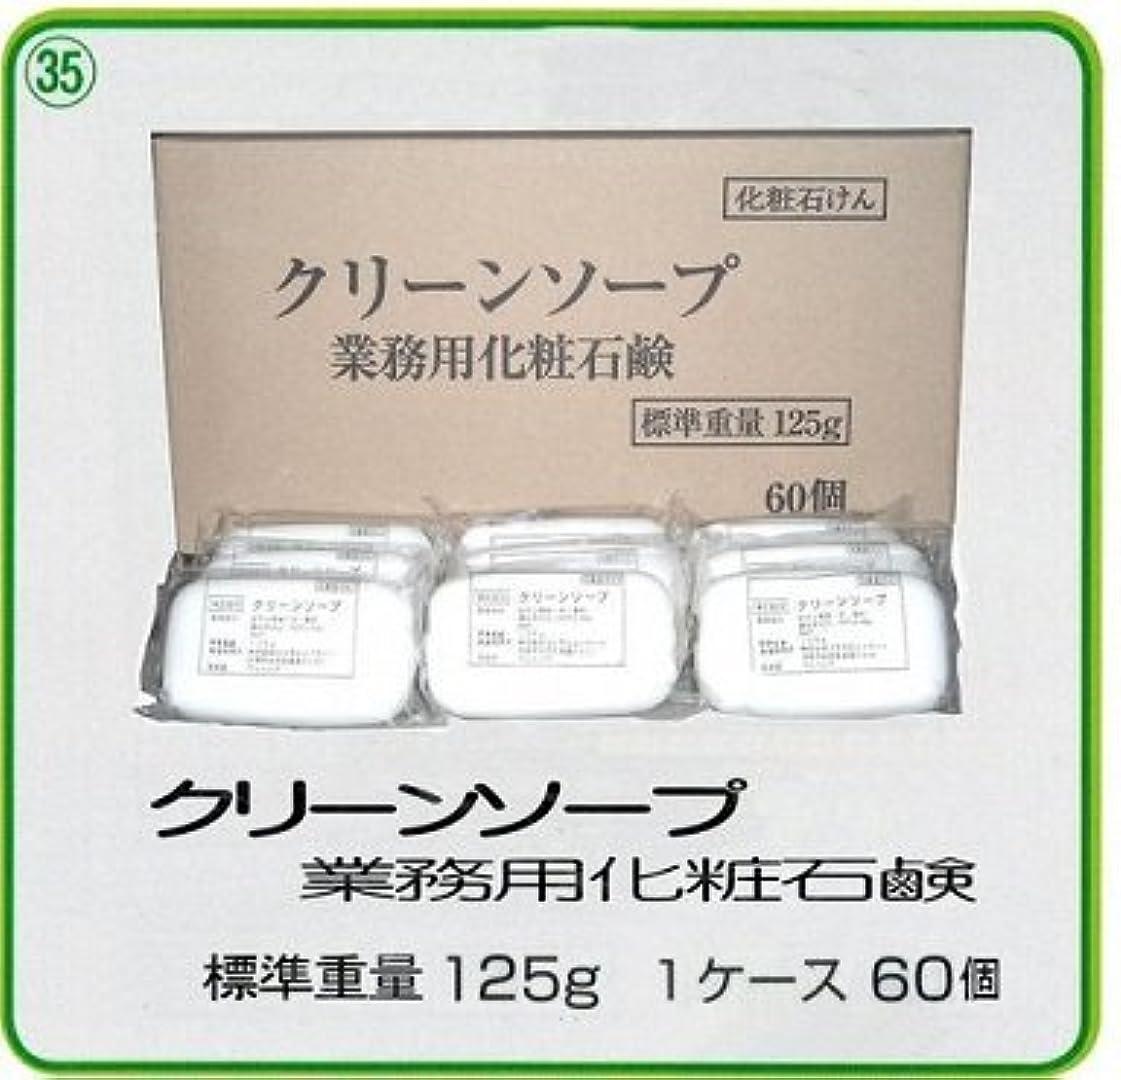 メトロポリタン硬いバンジョー業務用化粧石鹸 クリーンソープ1個125g/1箱60個入(品番7014)富士化成